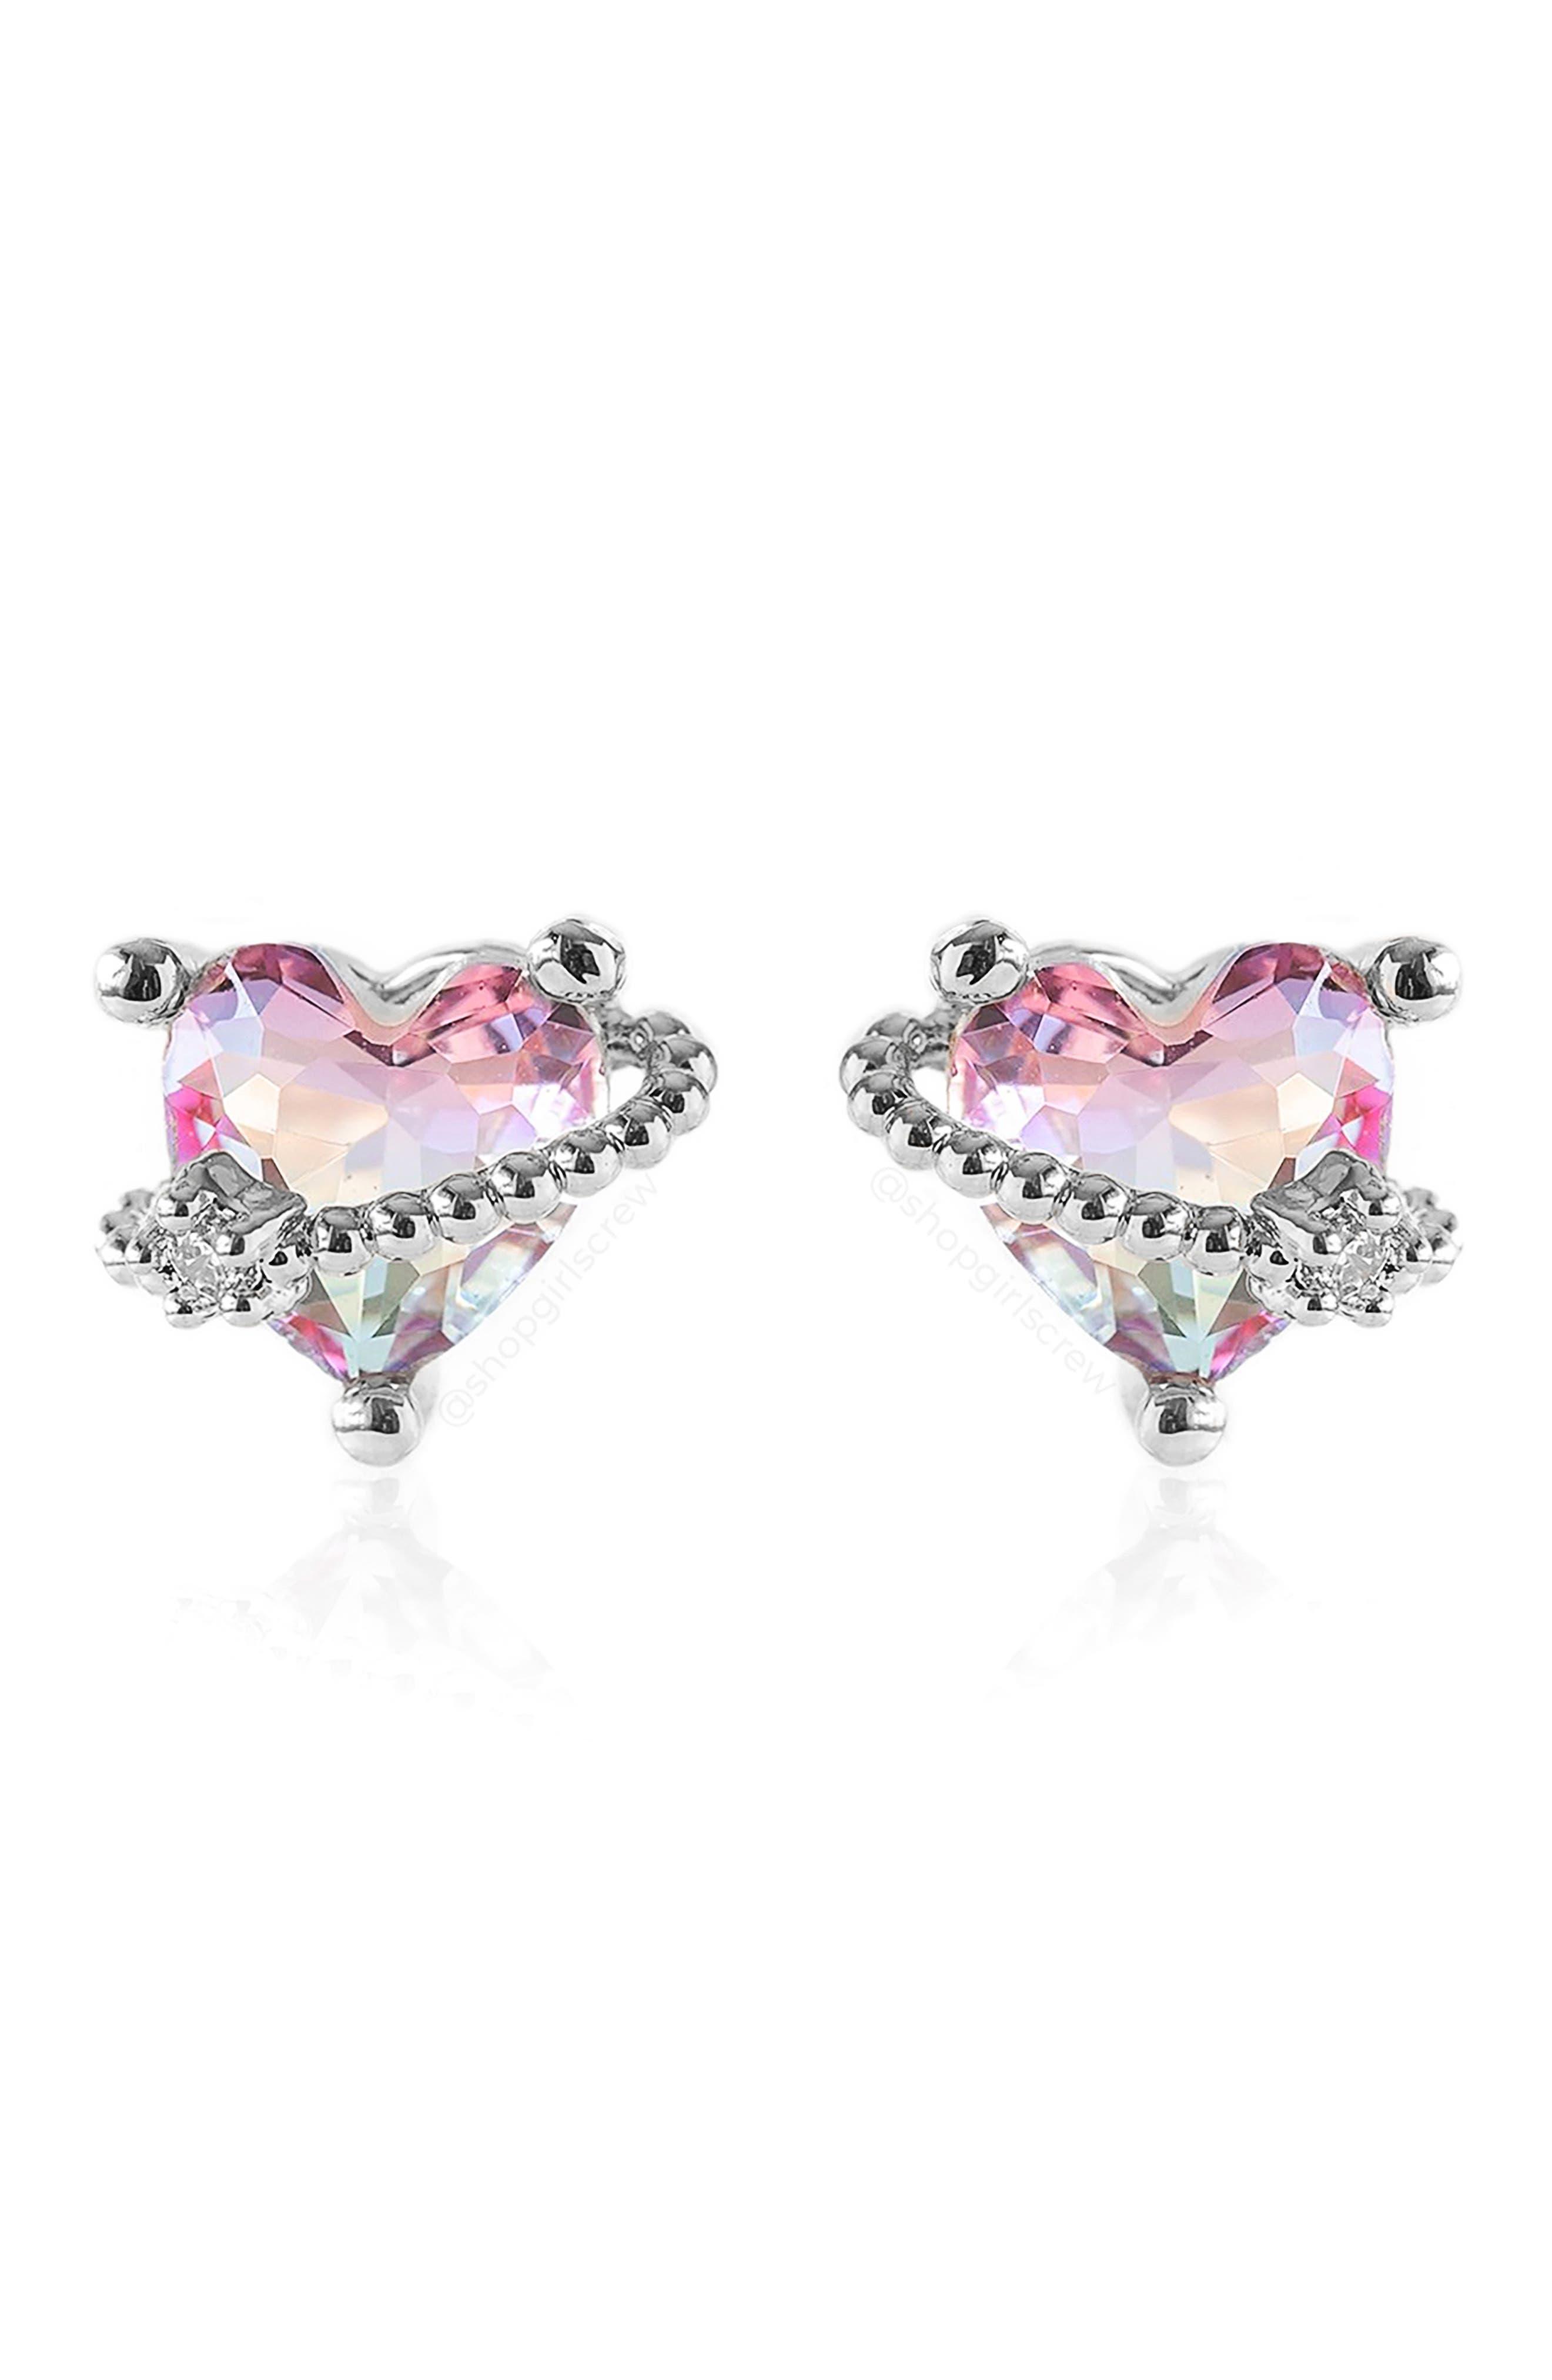 In Love Stud Earrings